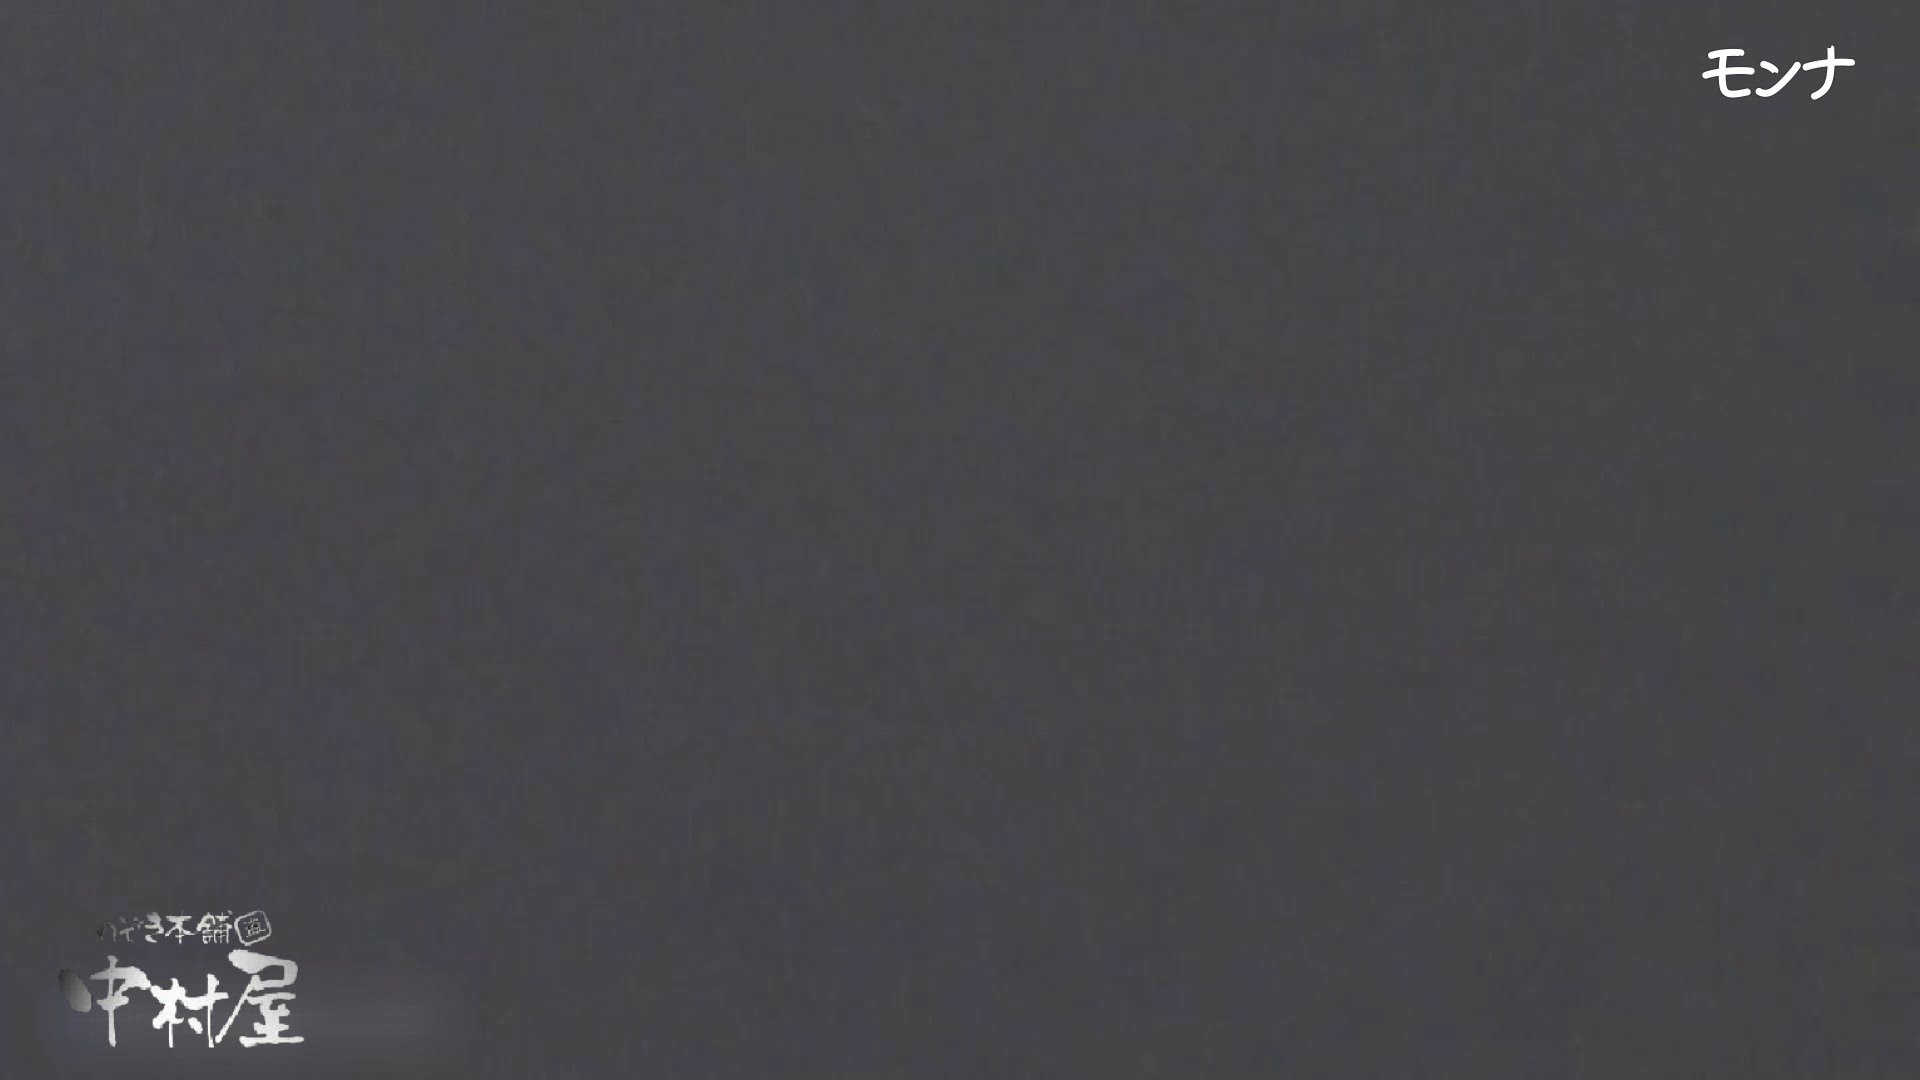 【美しい日本の未来】美しい日本の未来 No.69 ひやっと!終始15cmのしらすを垂らしながら・・・ OLハメ撮り  105Pix 54